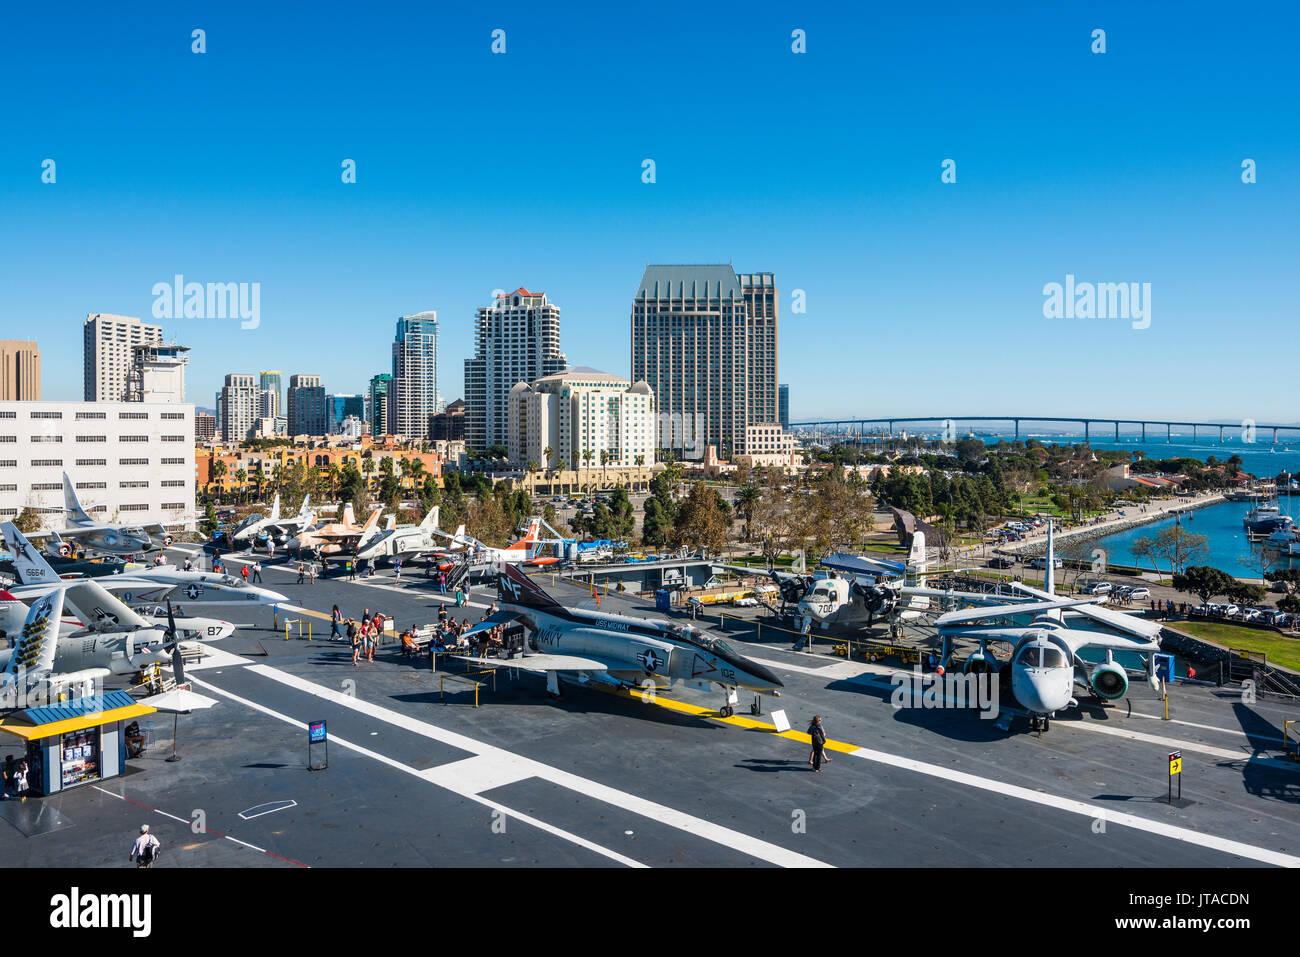 En avion de chasse sur le pont de l'USS Midway Museum, San Diego, Californie, États-Unis d'Amérique, Amérique du Nord Photo Stock